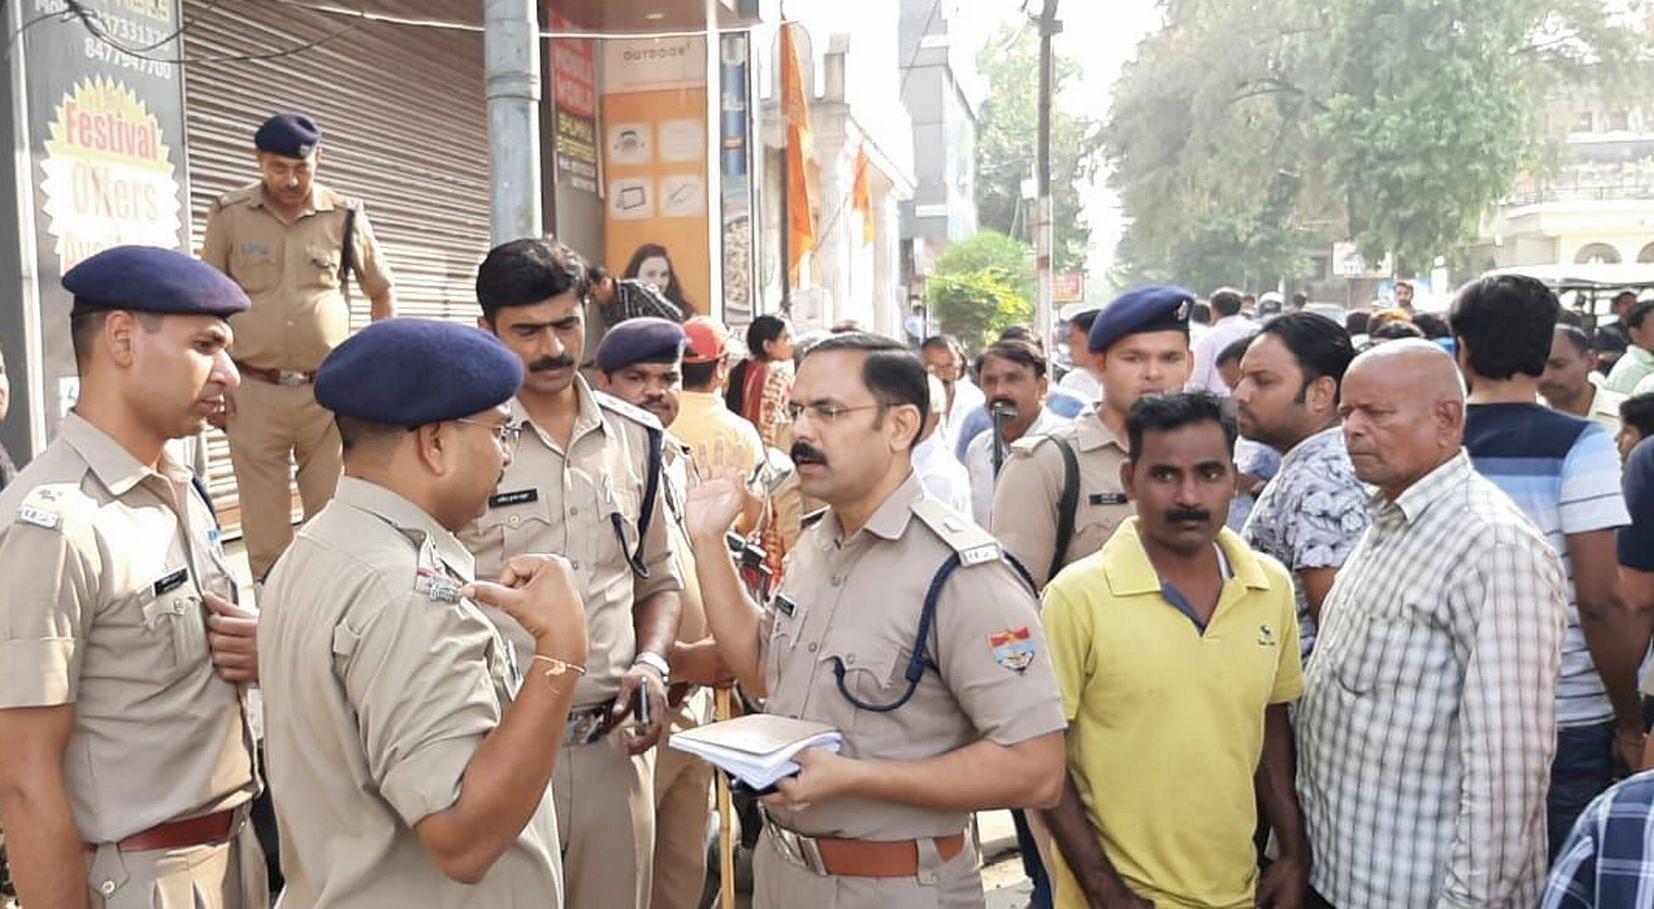 काशीपुर में पुलिस अधिकारियों को निर्देश देते एएसपी। अमर उजाला